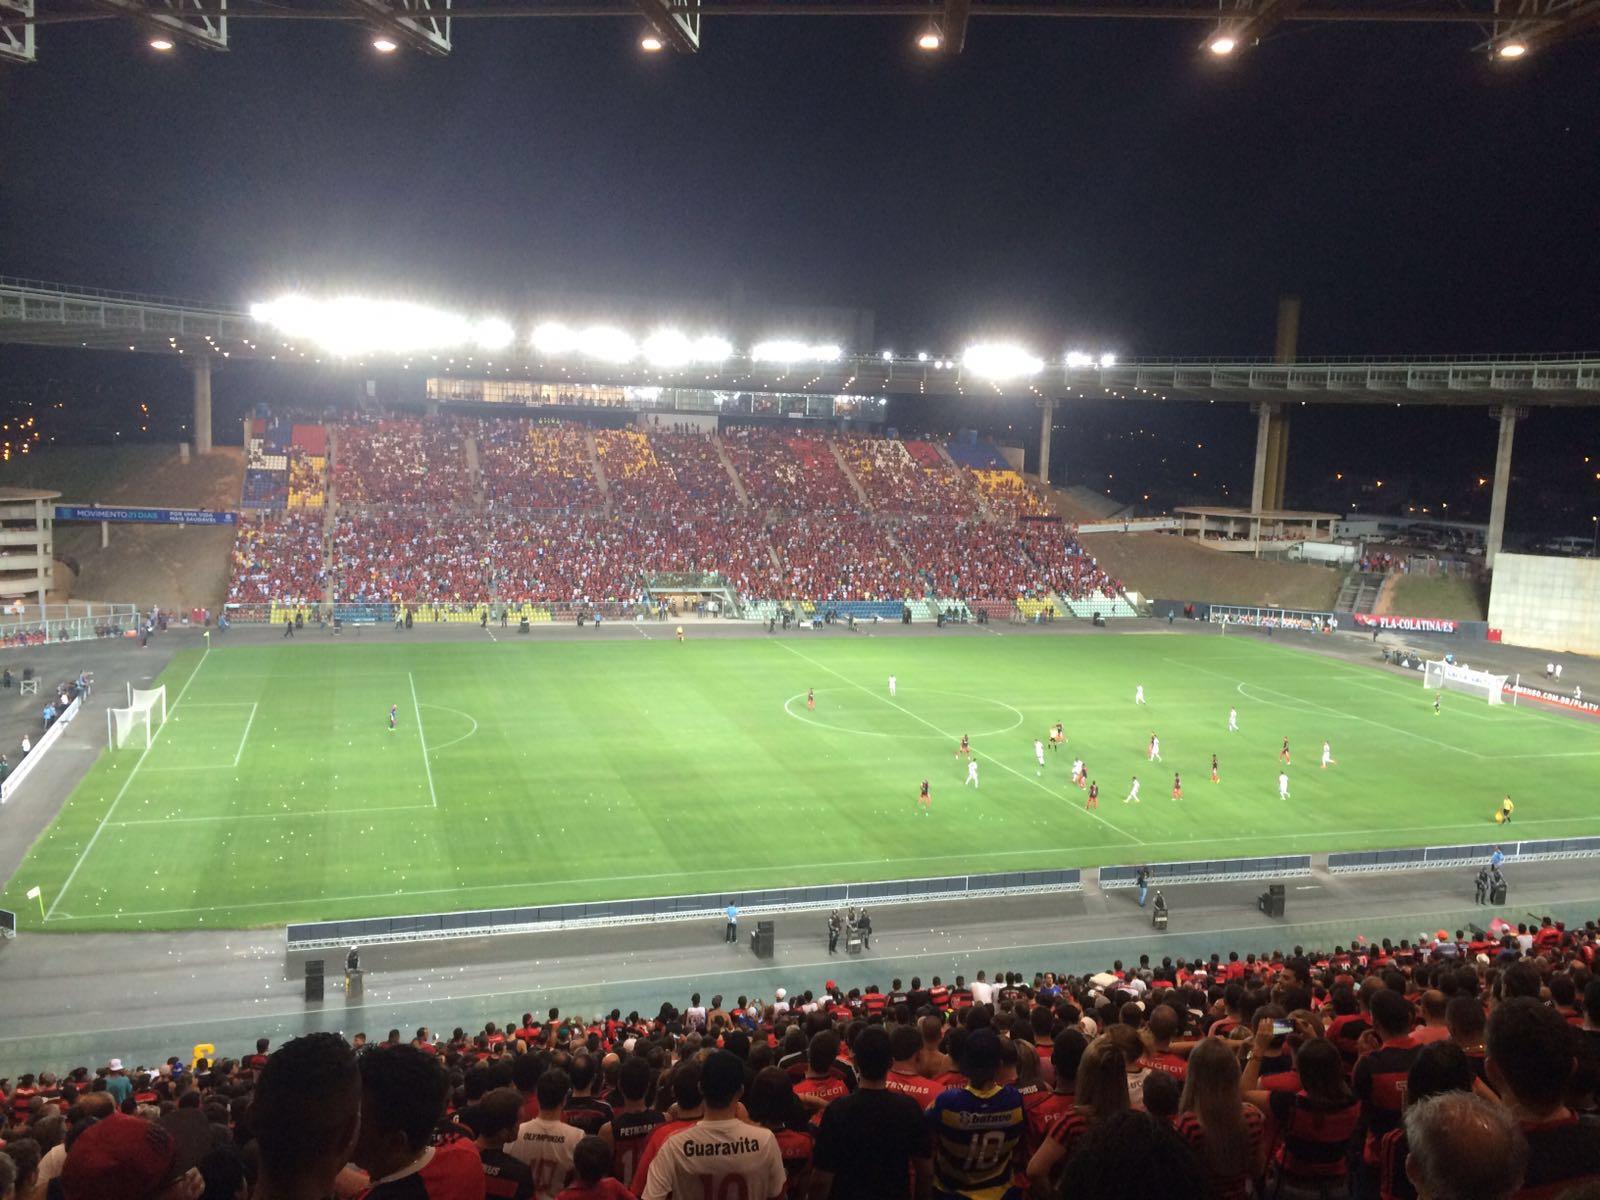 Torcida do Flamengo compareceu ao Kleber de Andrade mas não curtiu a atuação